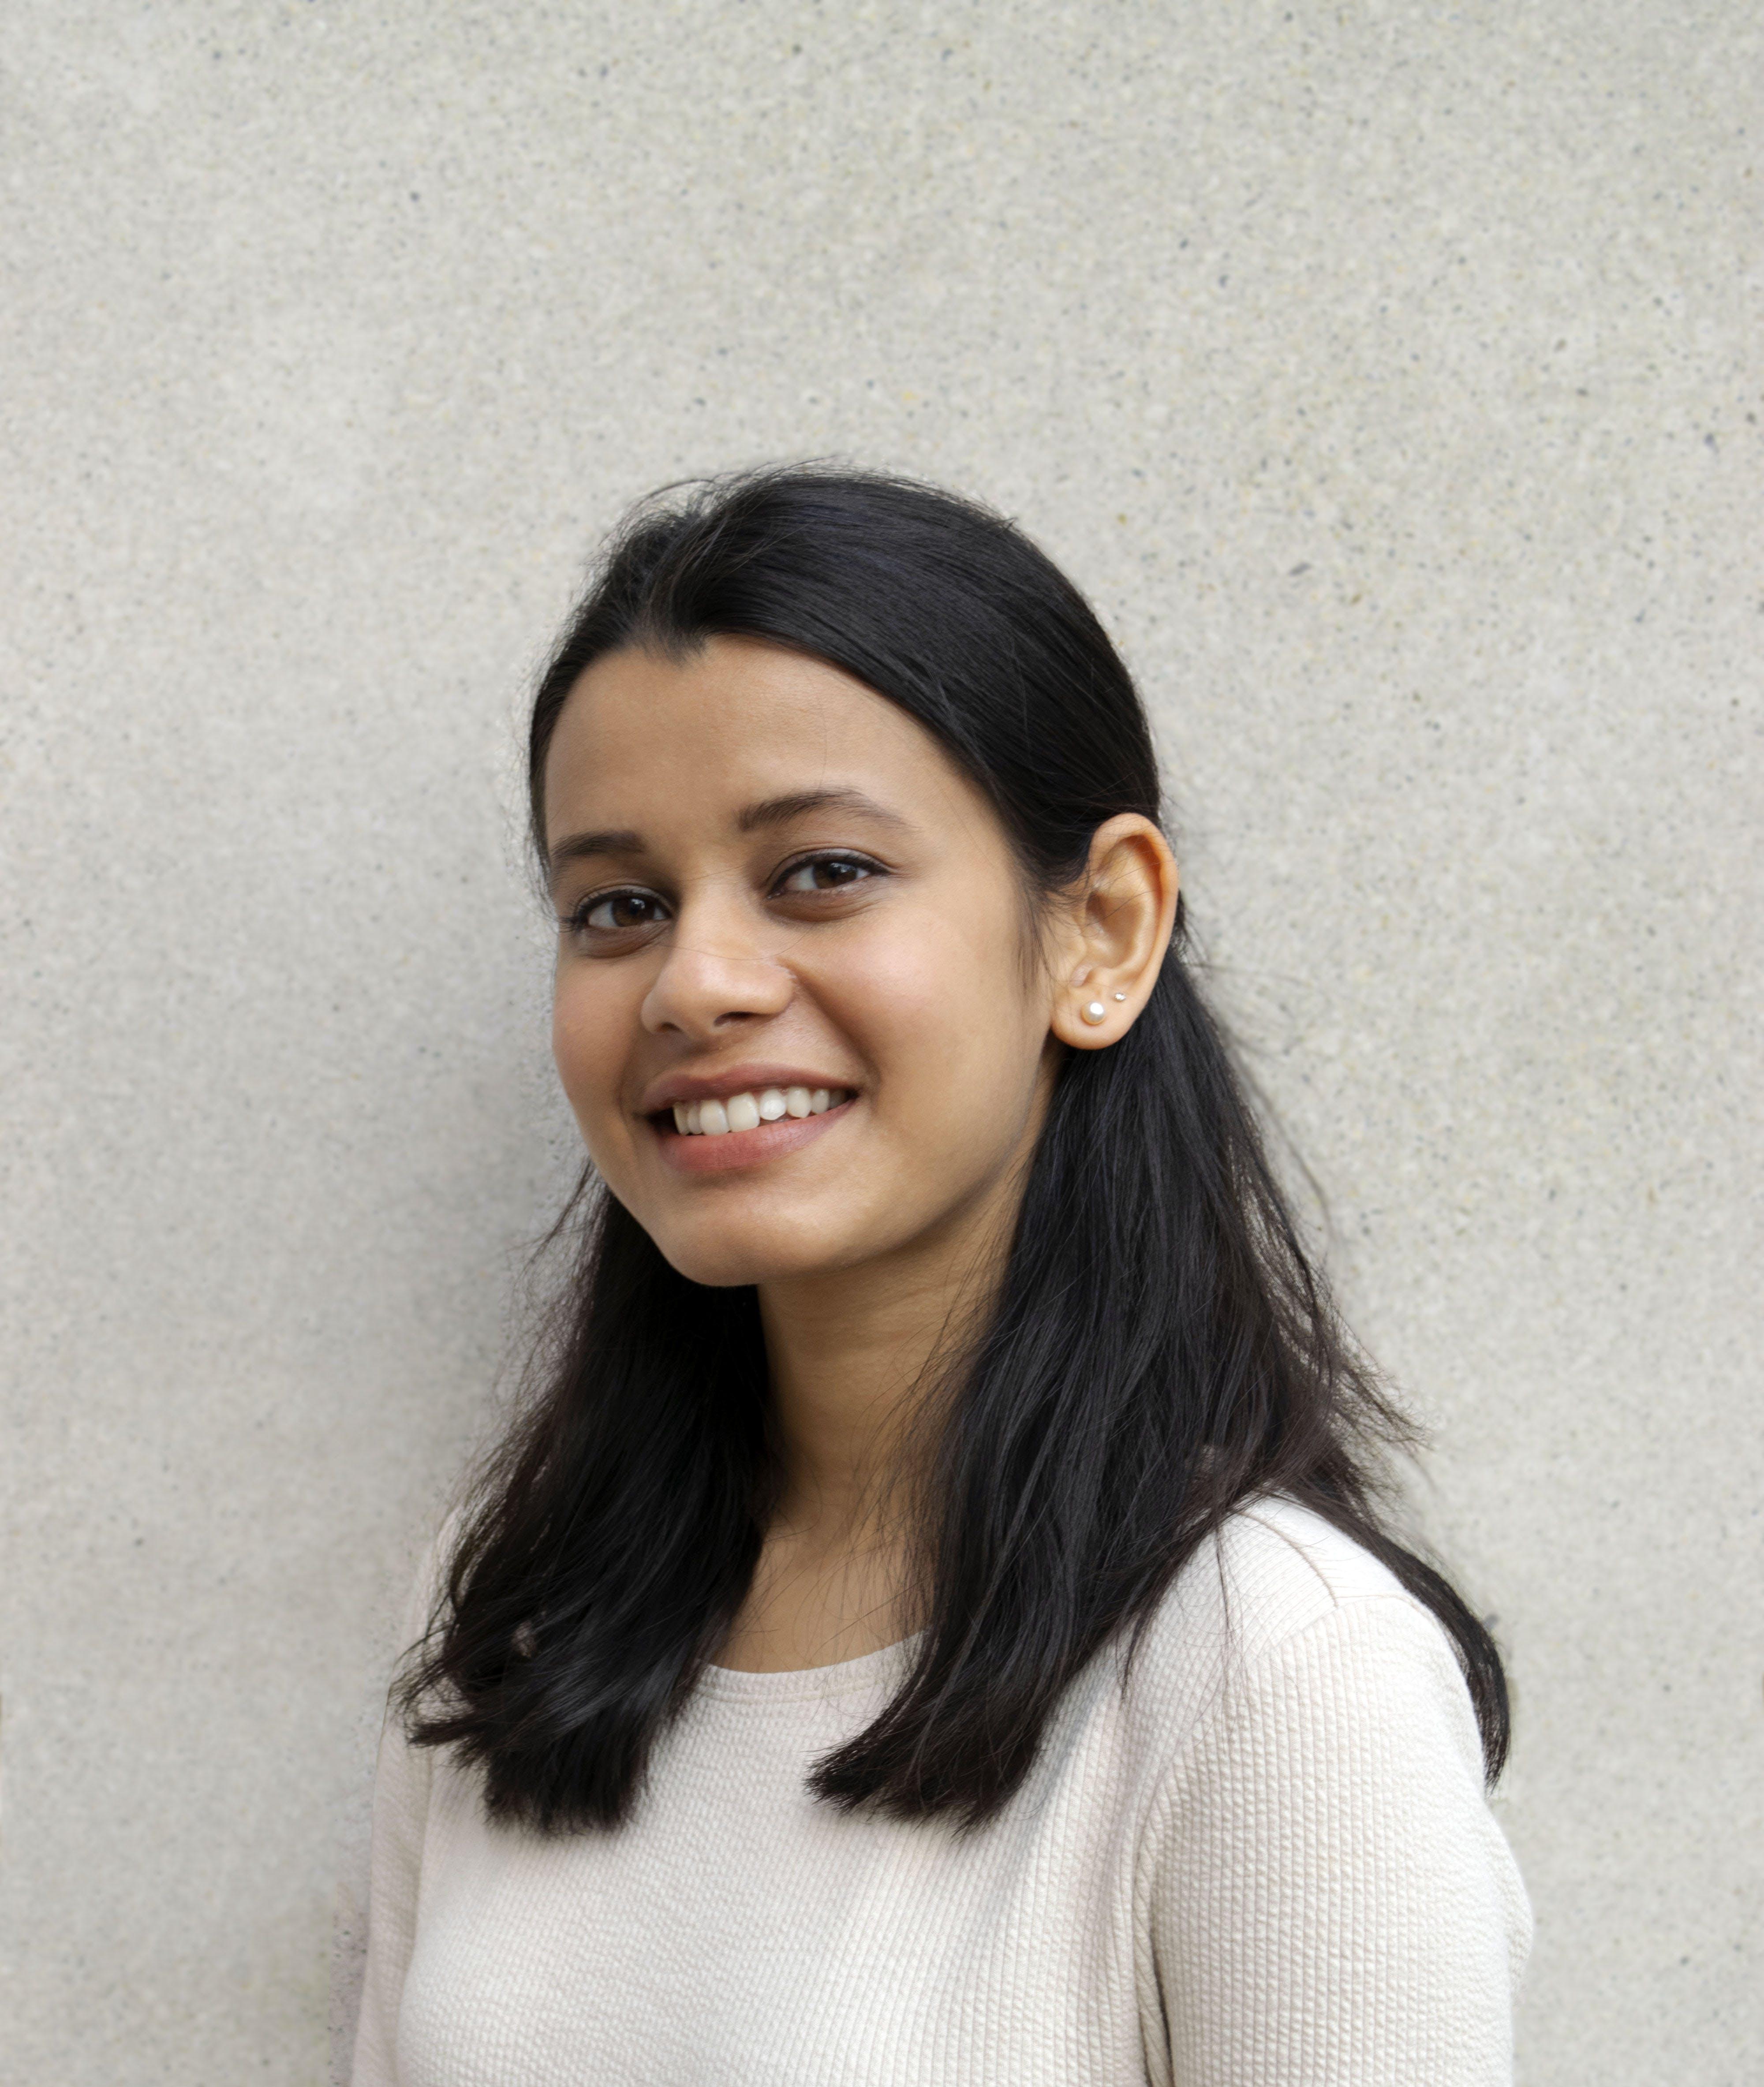 Shivani Agarwal